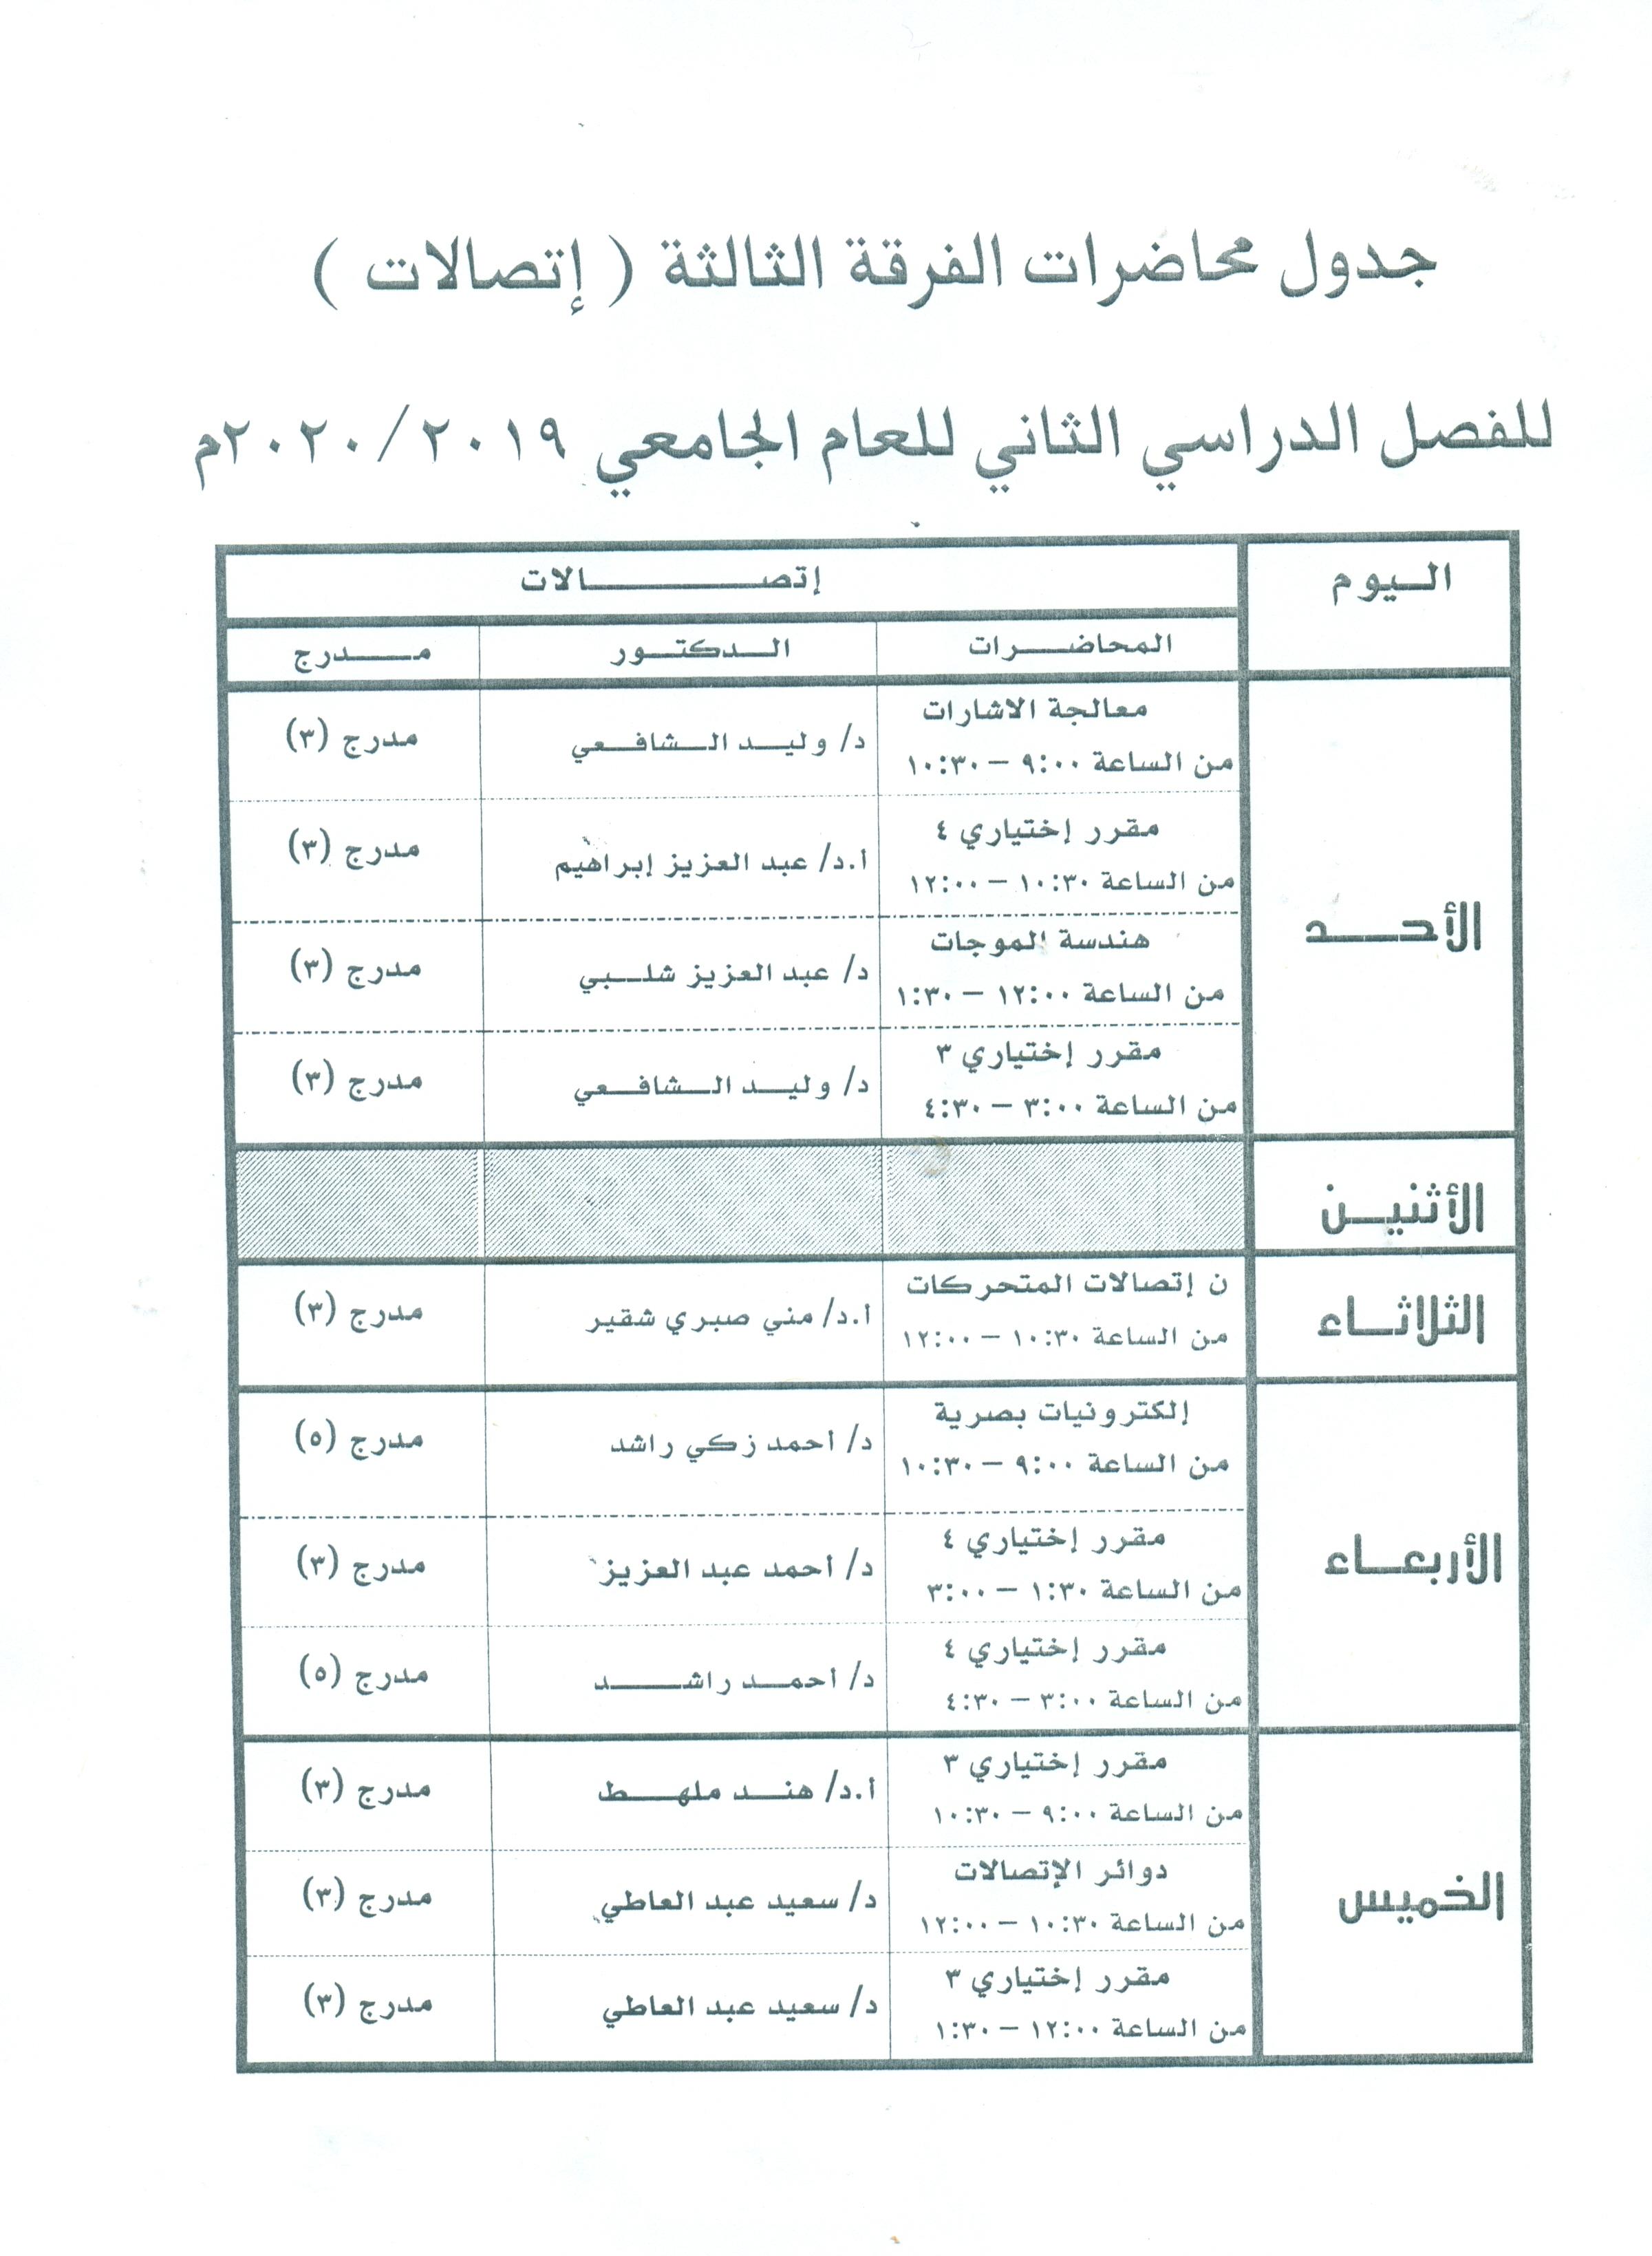 جدول محاضرات الفرقة الثالثة